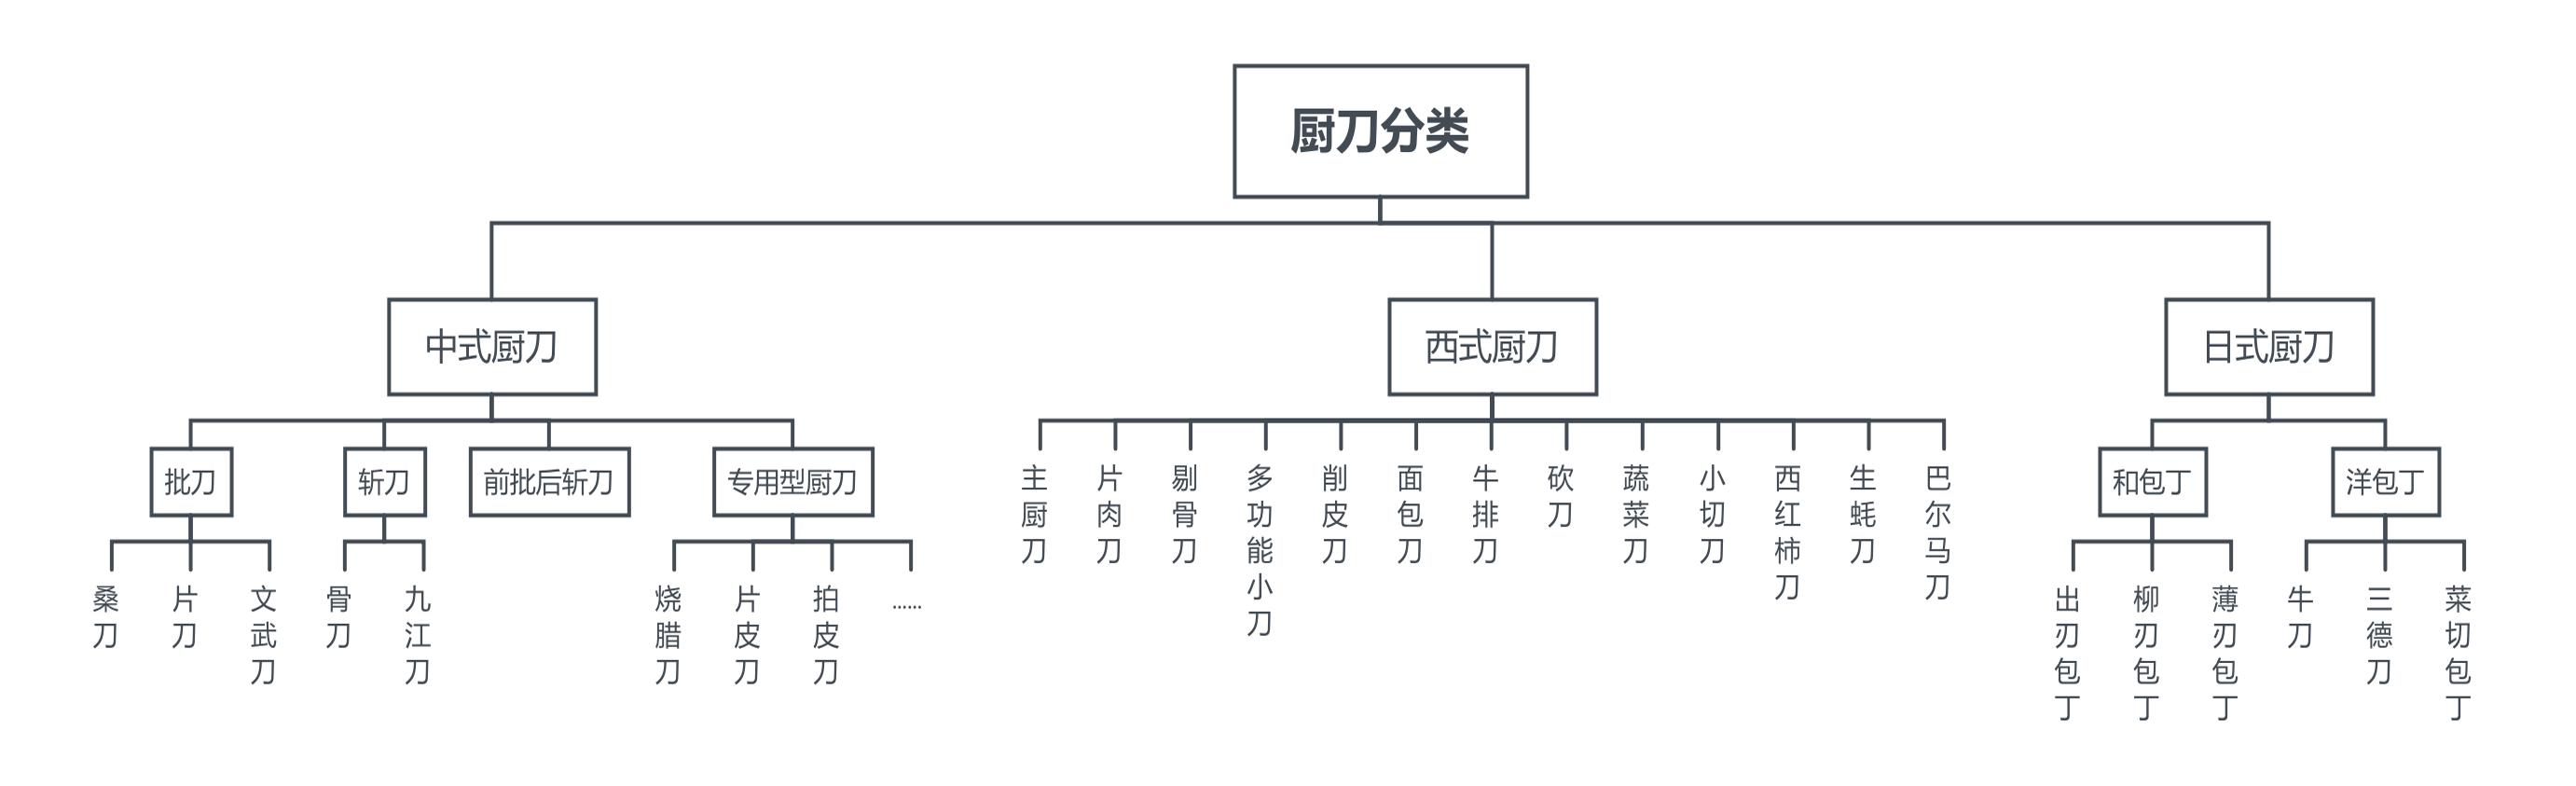 金辉厨刀的新濠天地网站登入创建(图3)